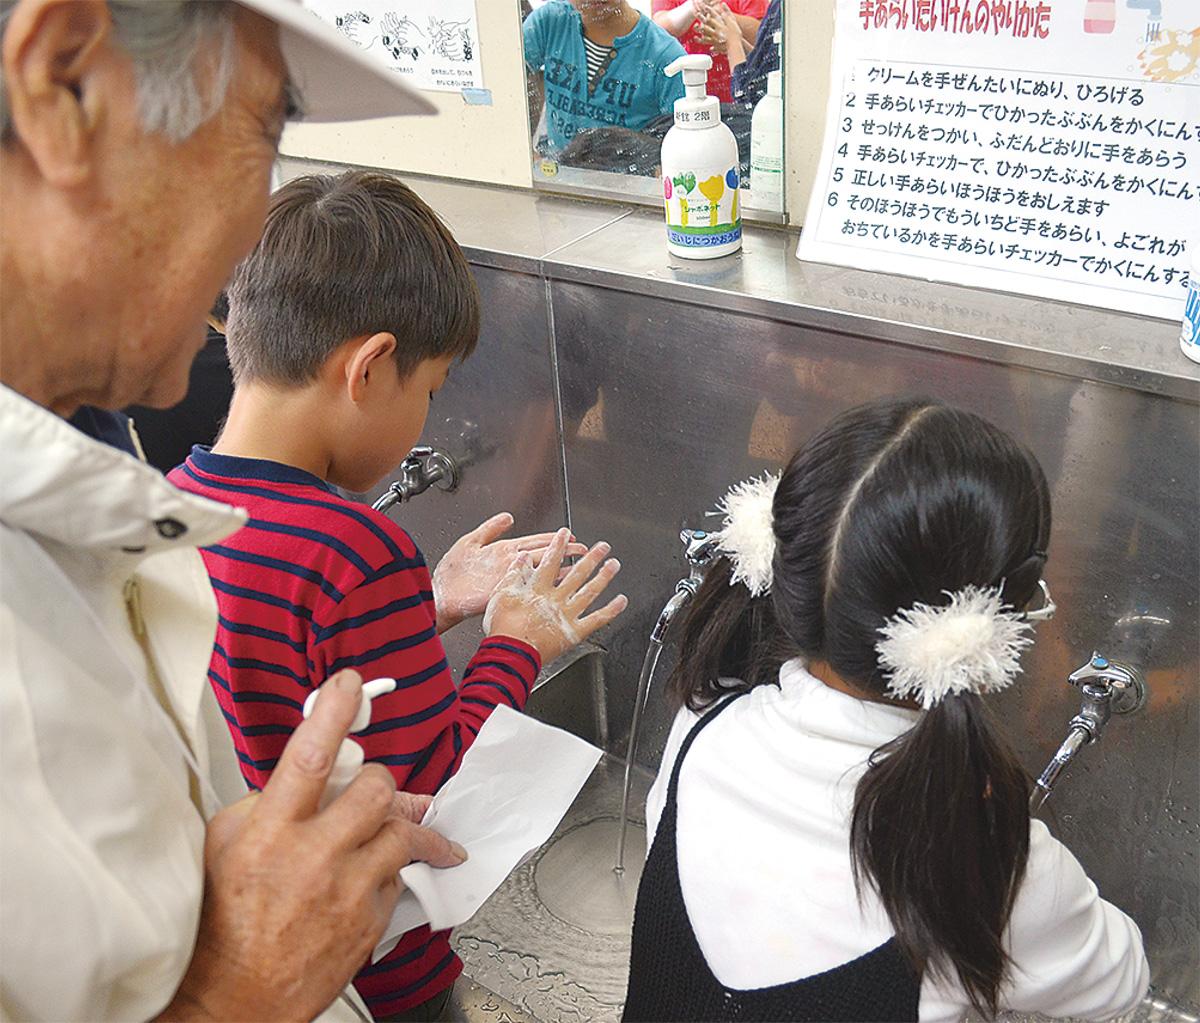 手洗いマイスター指導のもと手を洗う児童